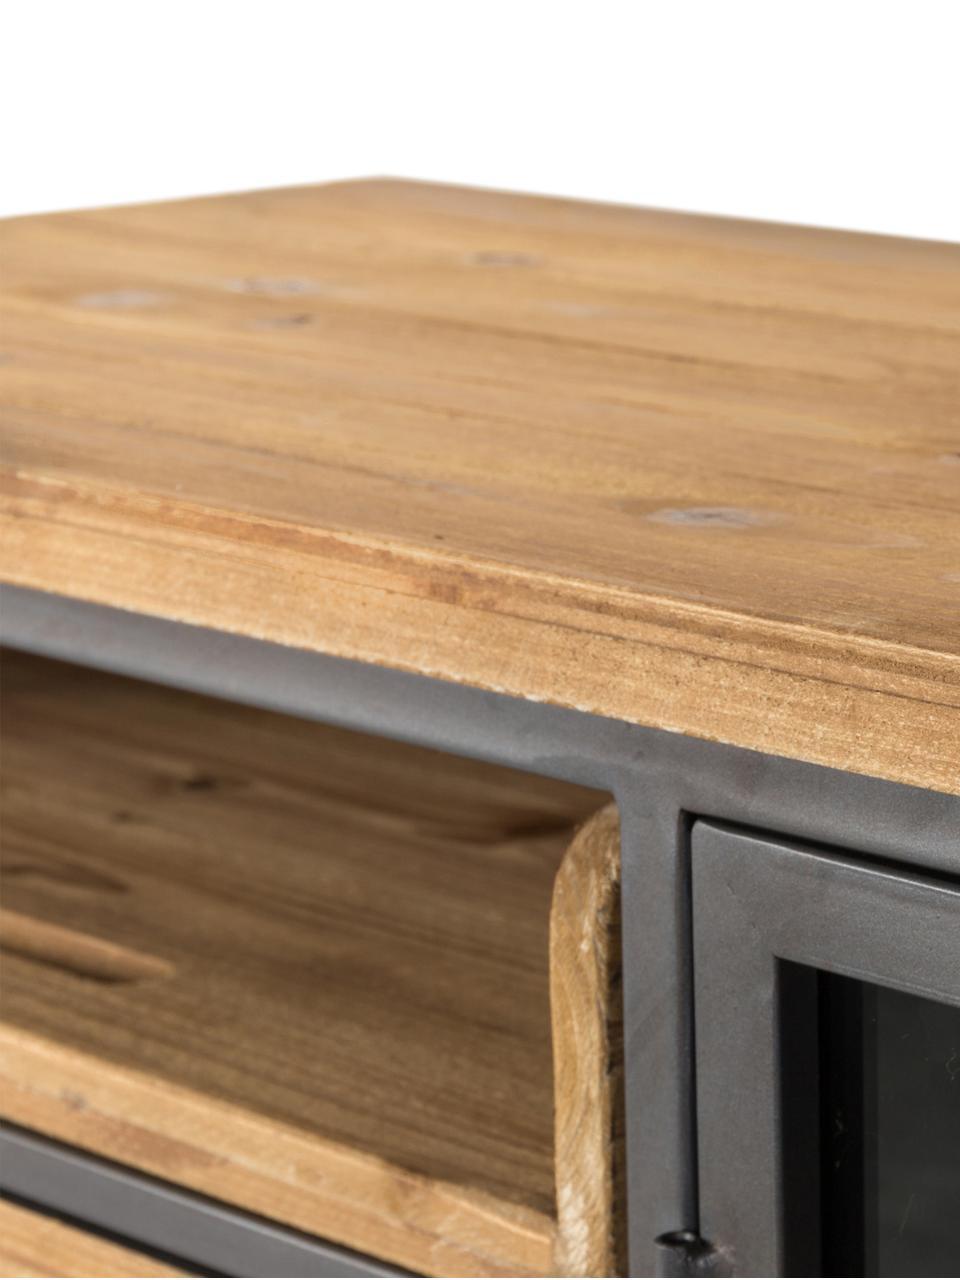 Szafka z drewna i metalu  z szufladami Damian, Podstawa szafki, rama, uchwyty, nogi: szary Szuflady: drewno jodłowe, S 113 x W 75 cm